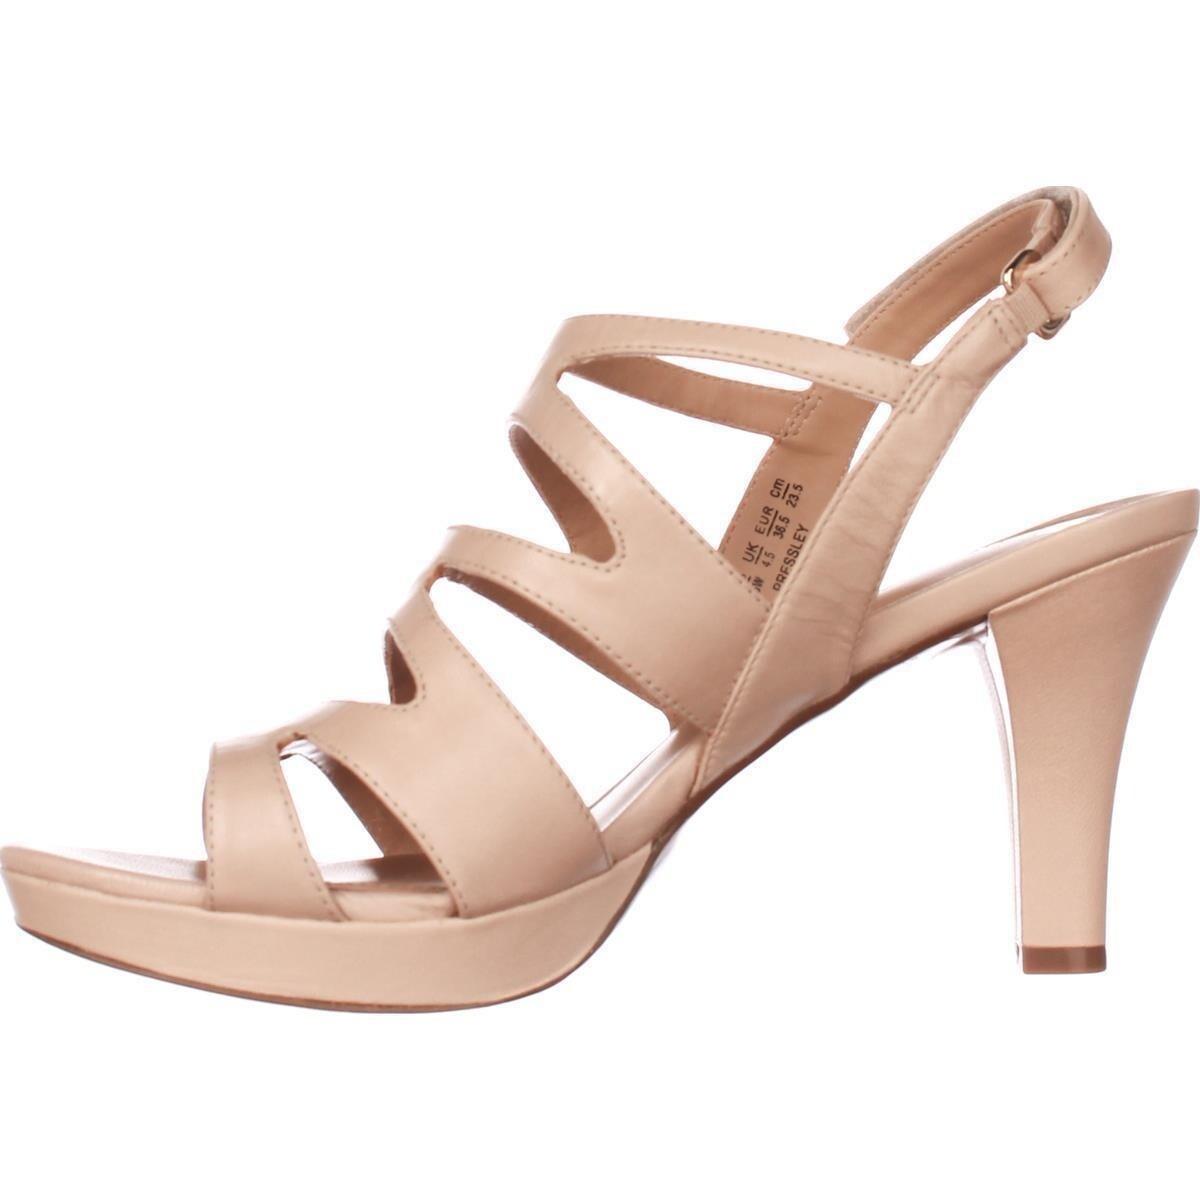 056f5b749ef1 Shop naturalizer Pressley Platform Strappy Dress Sandals